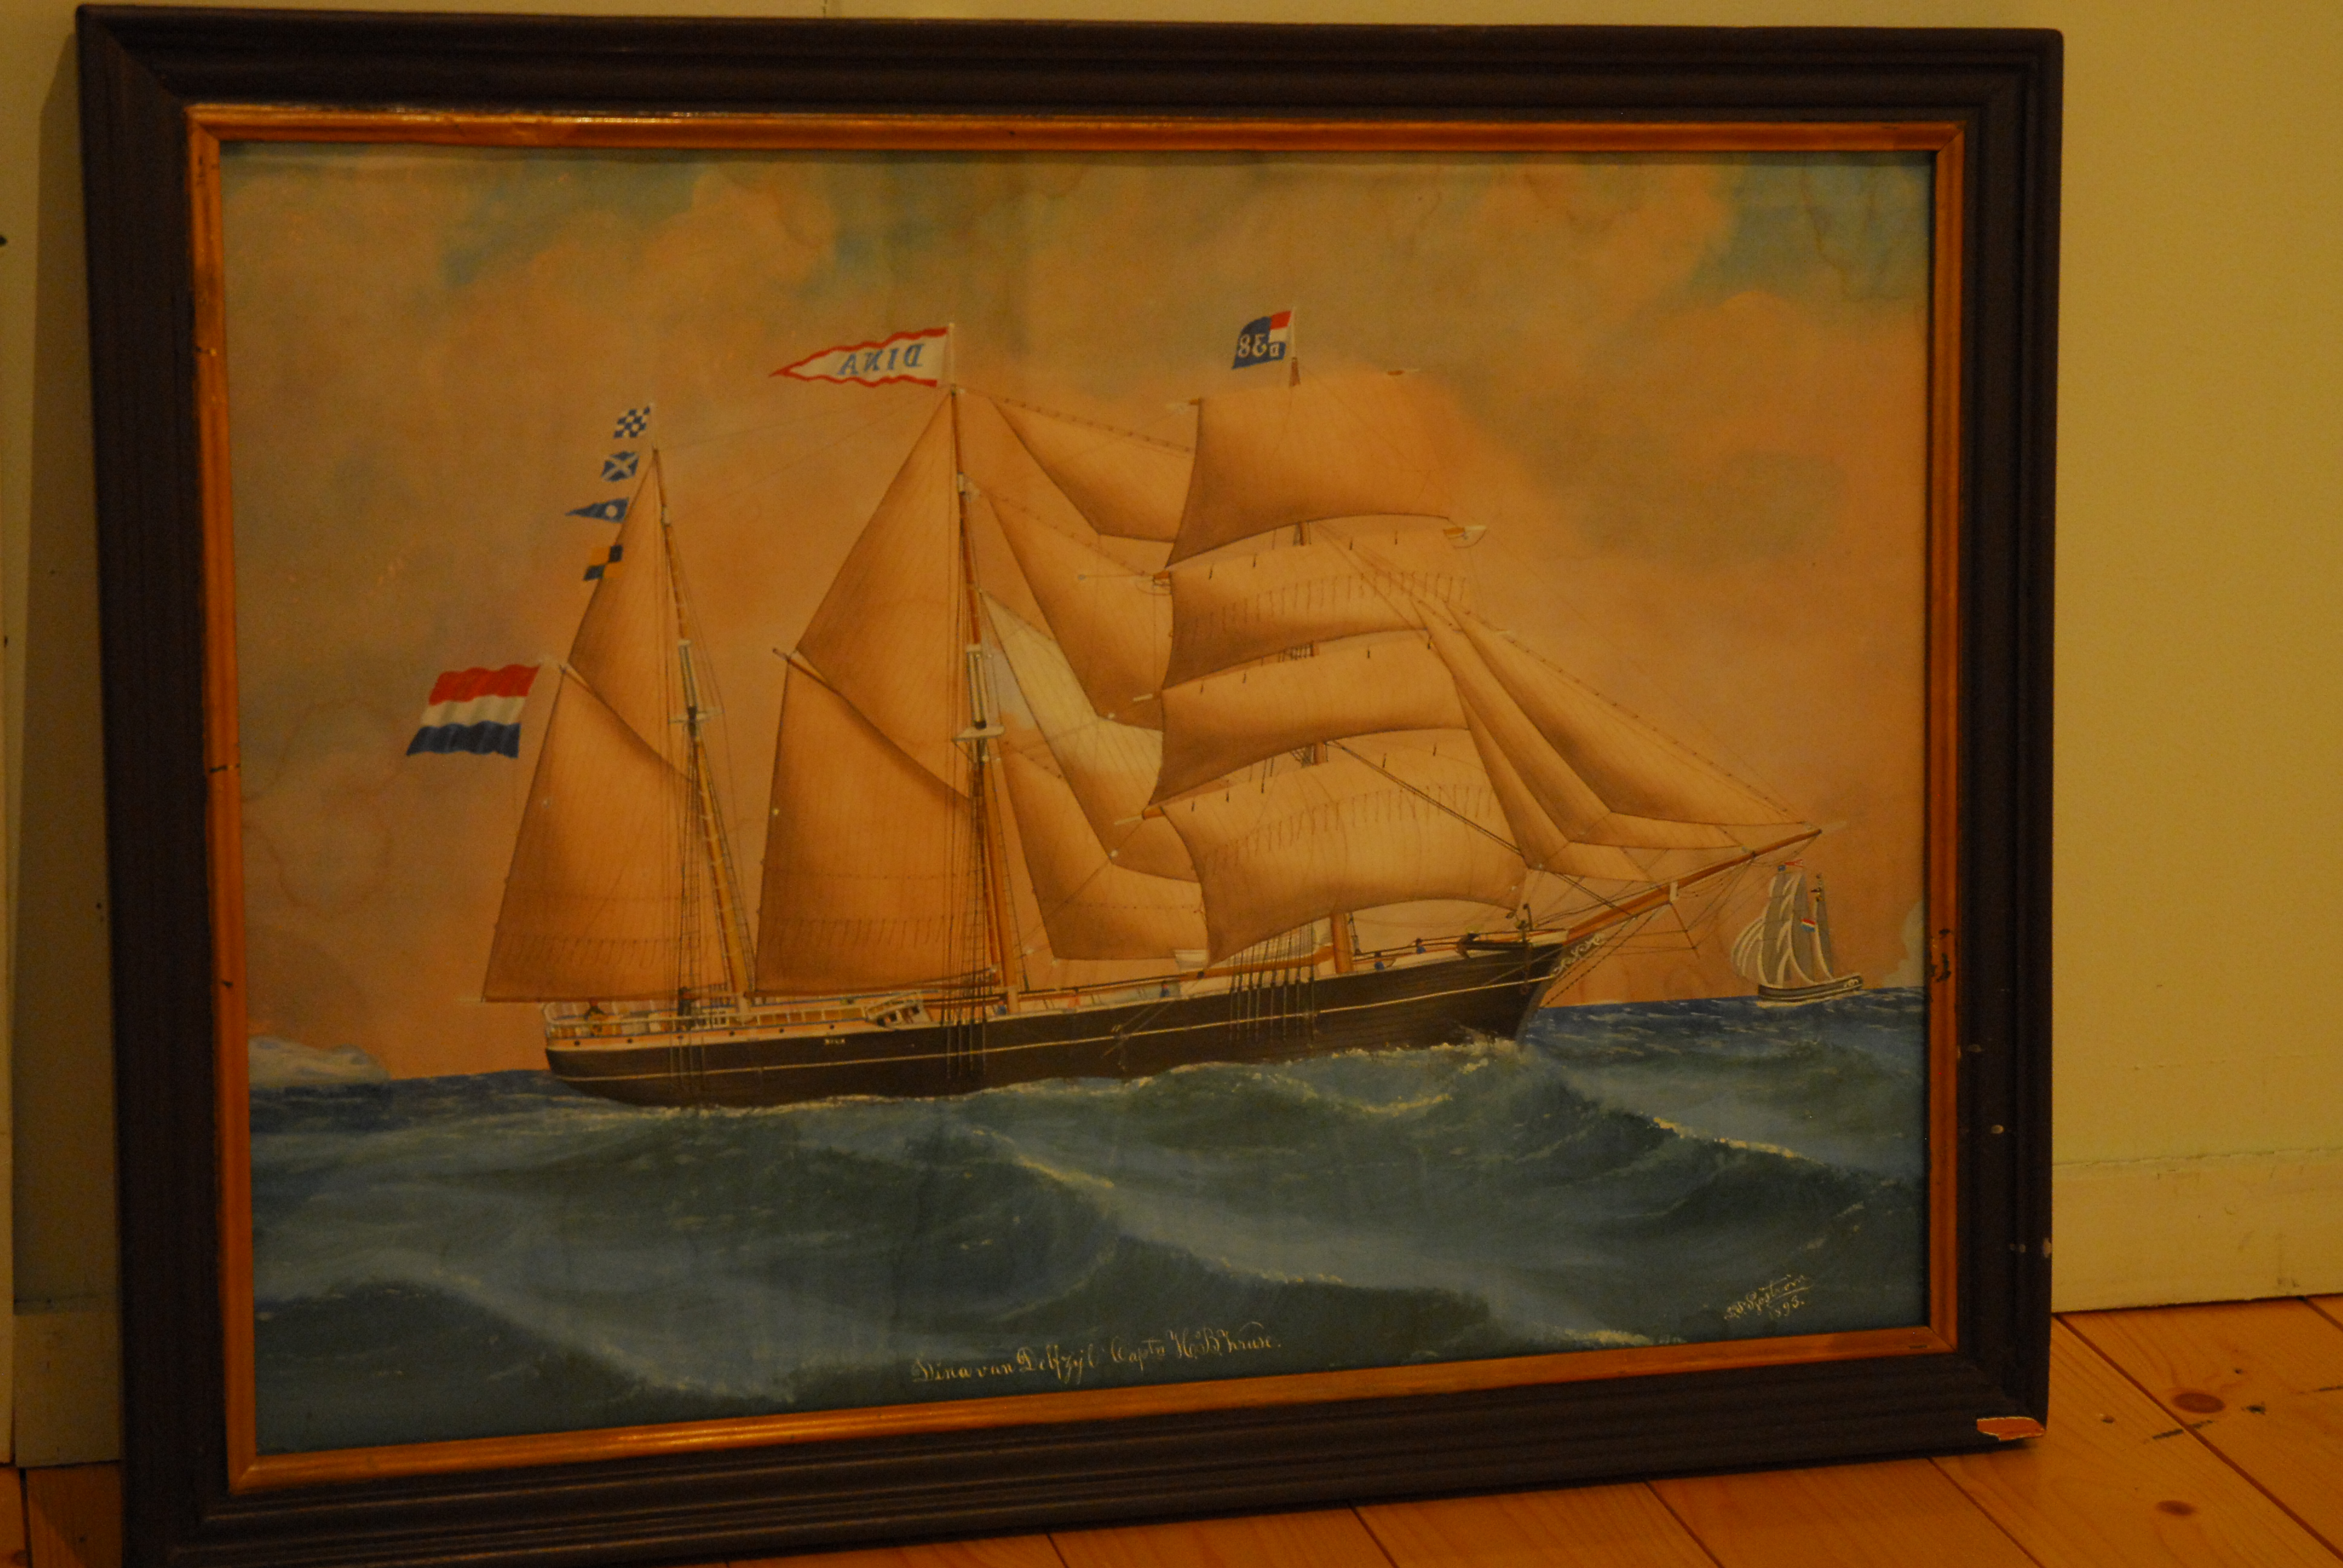 schilderij schoenerbark 'Dina van Delfzijl, kapt. H.B. Kruse